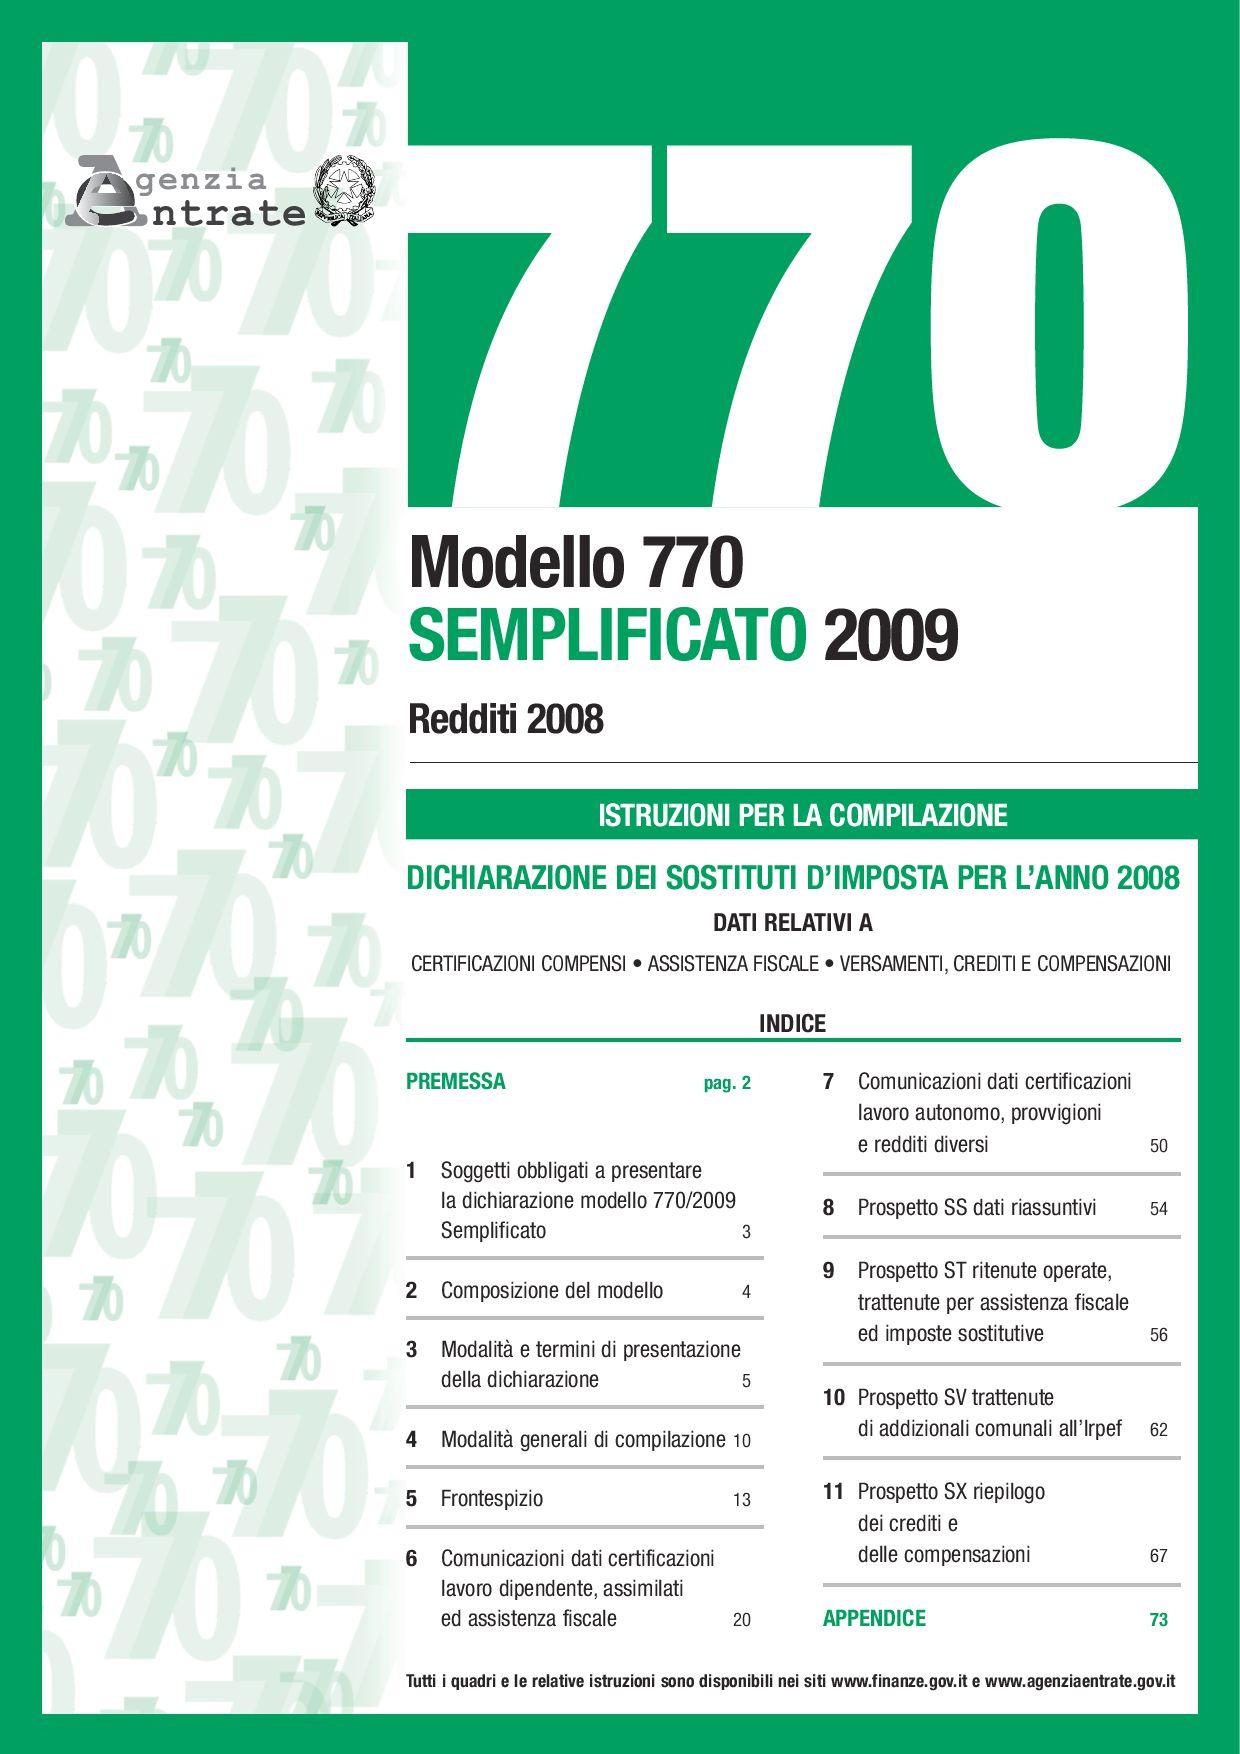 Istruzioni modello 770 semplificato by spiri arci issuu for Dichiarazione 770